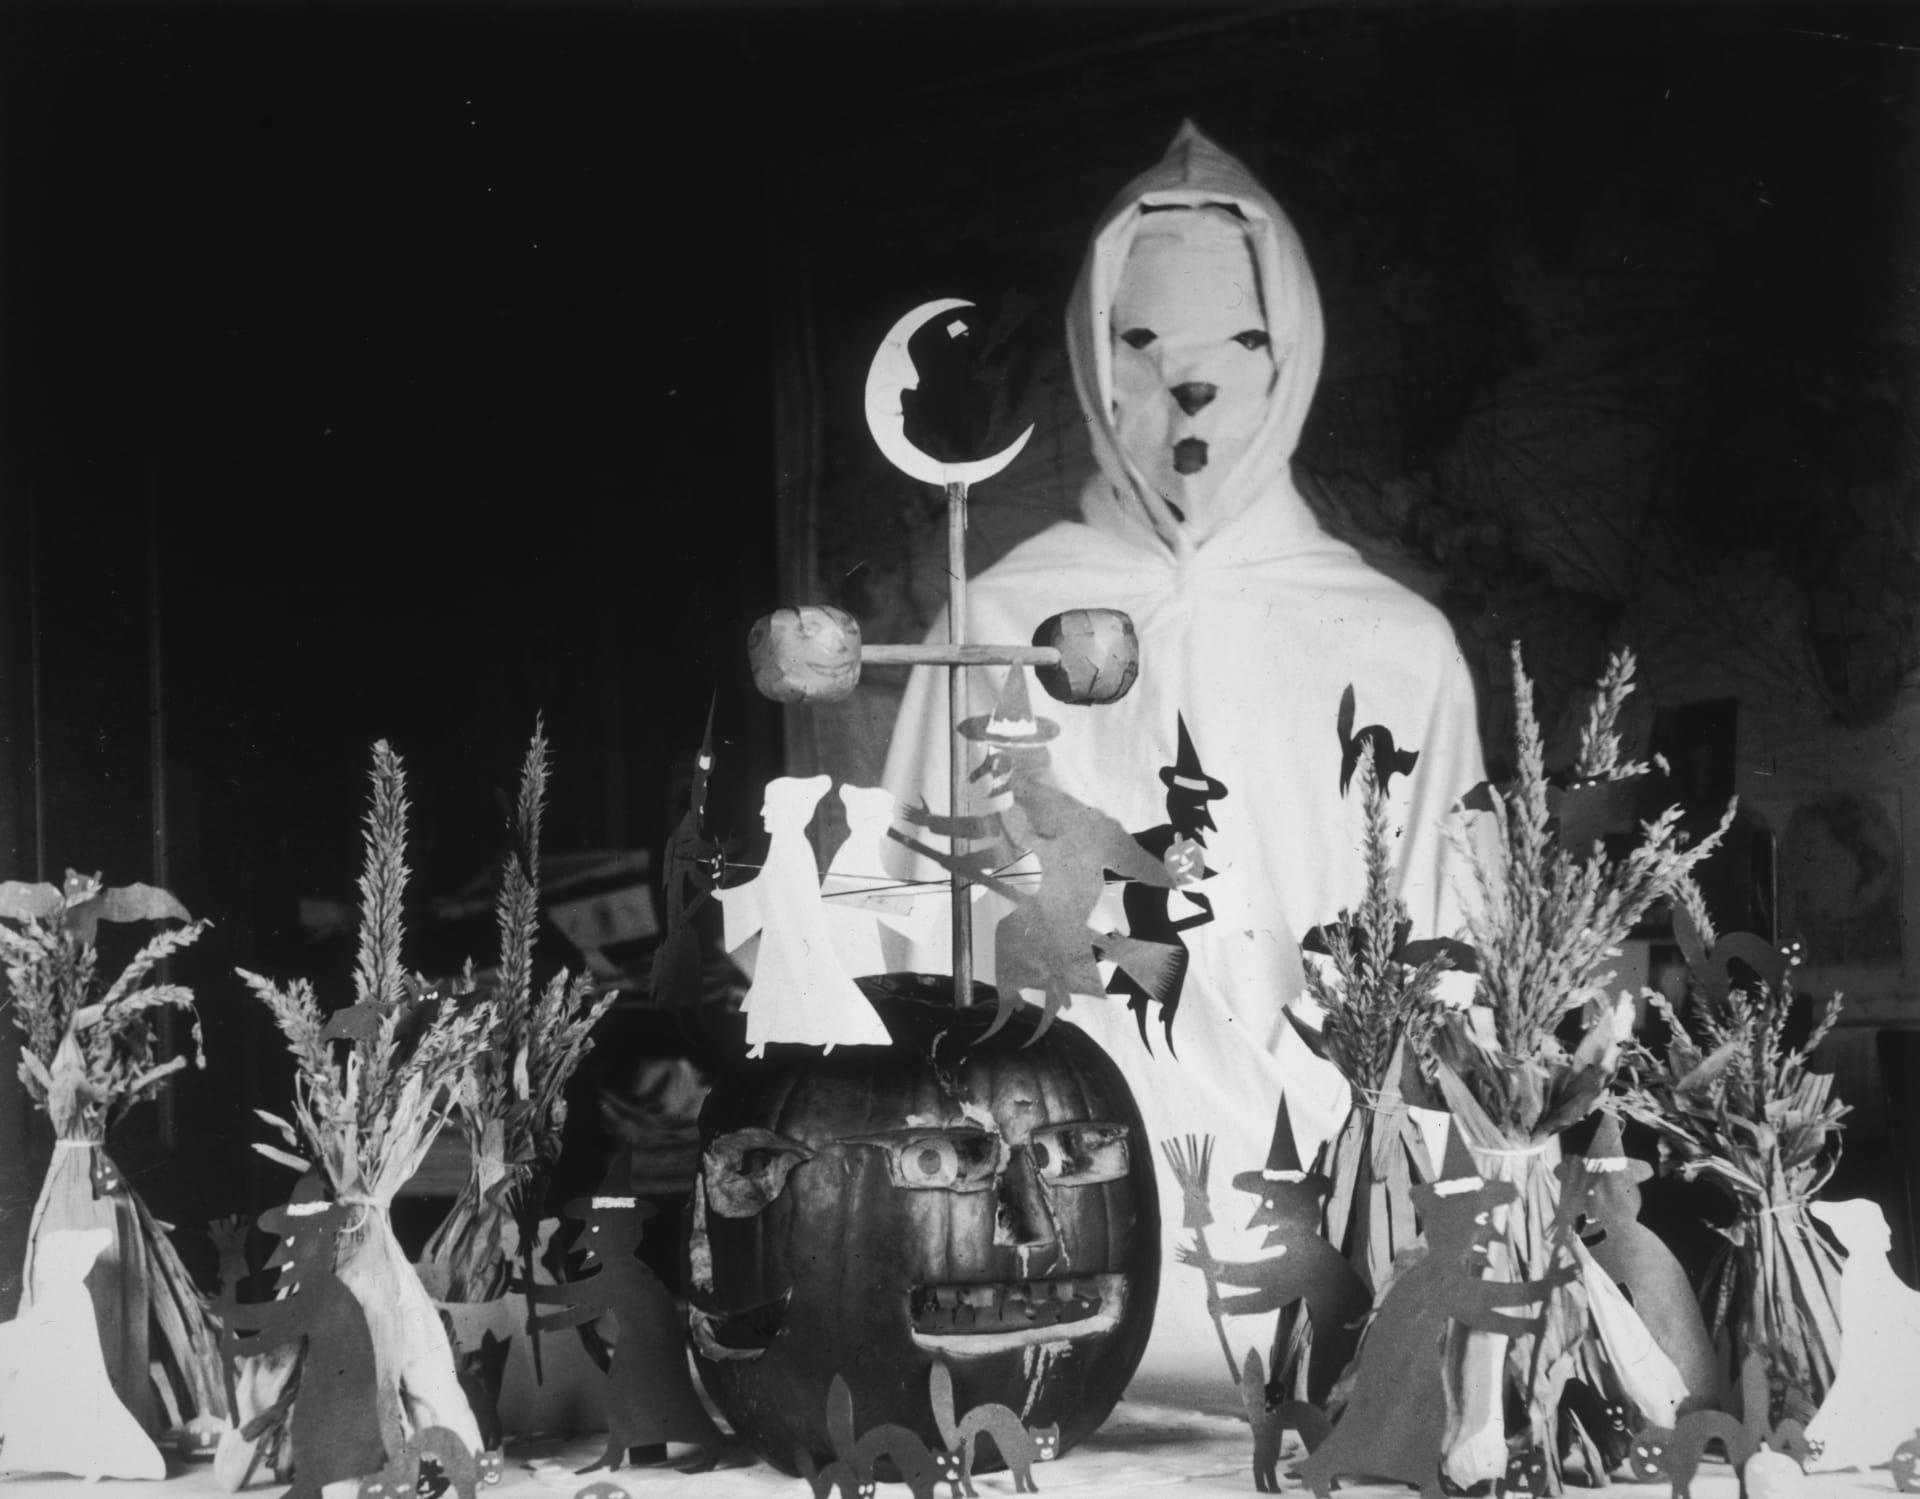 من الأرواح الوثنية إلى المرأة الأعجوبة.. هذا هو تاريخ أزياء الهالوين